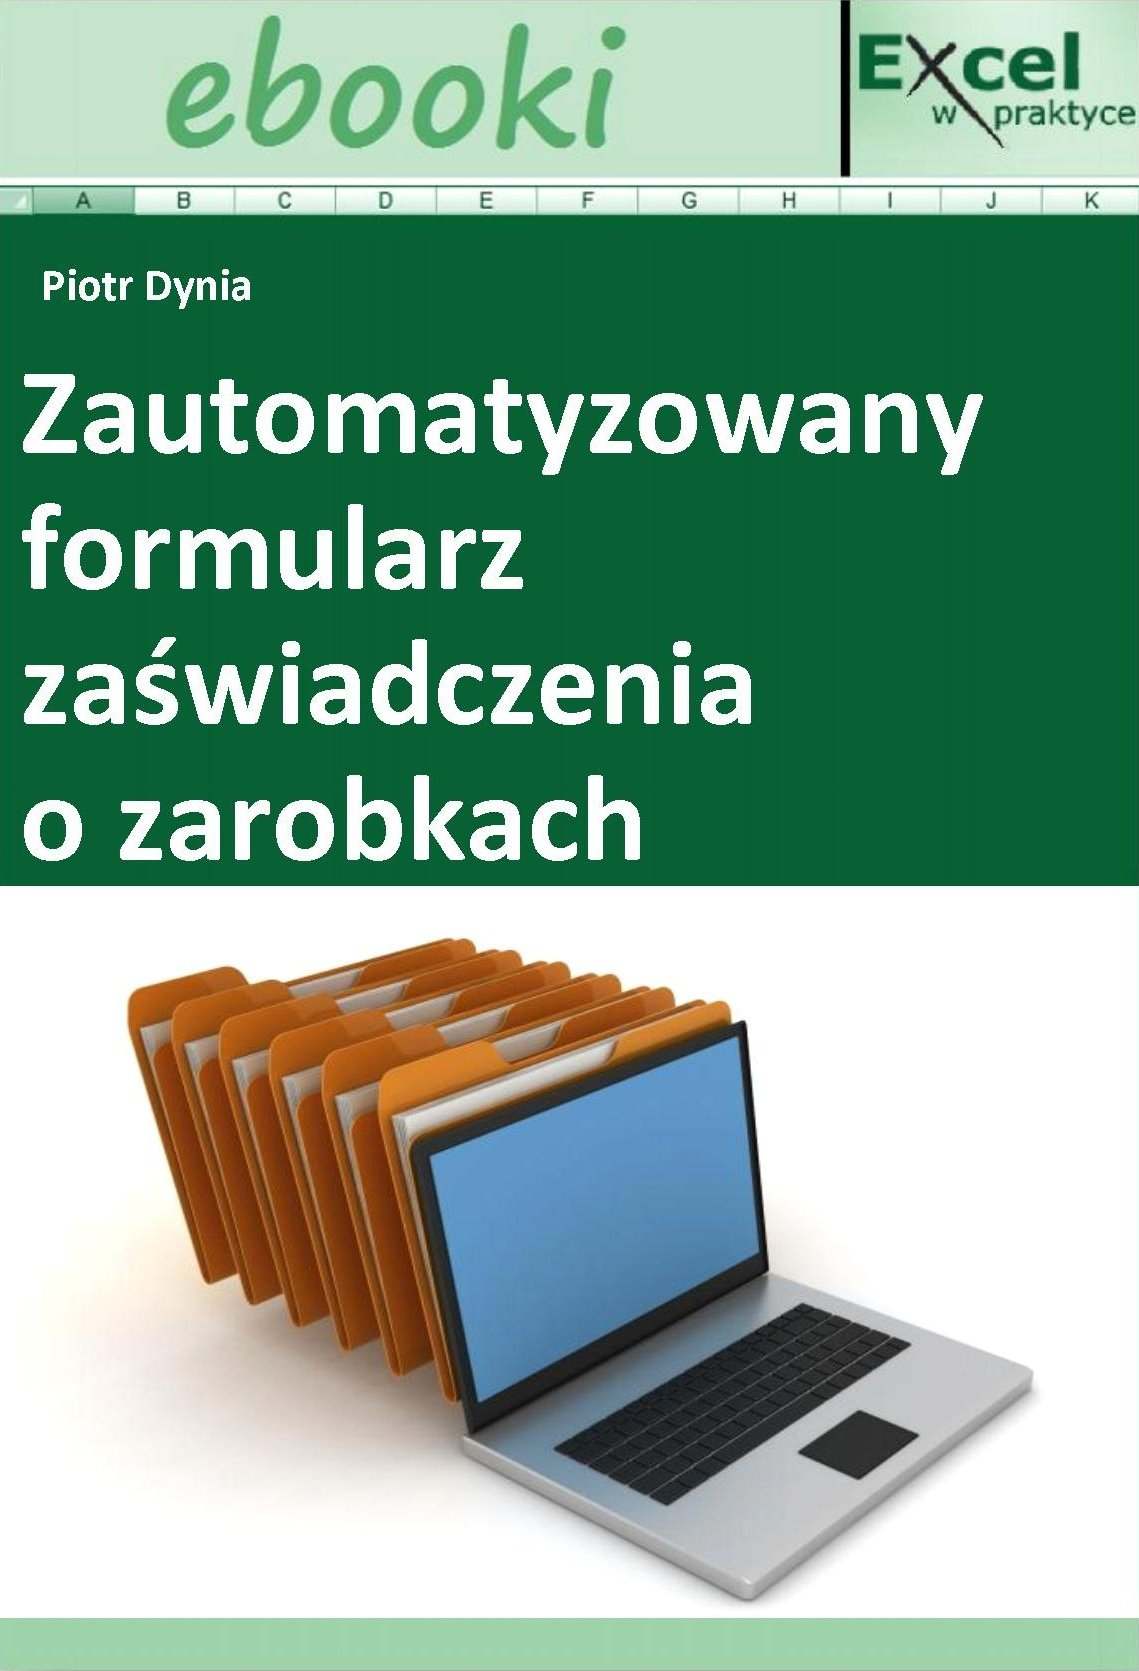 Zautomatyzowany formularz zaświadczenia o zarobkach - Ebook (Książka PDF) do pobrania w formacie PDF